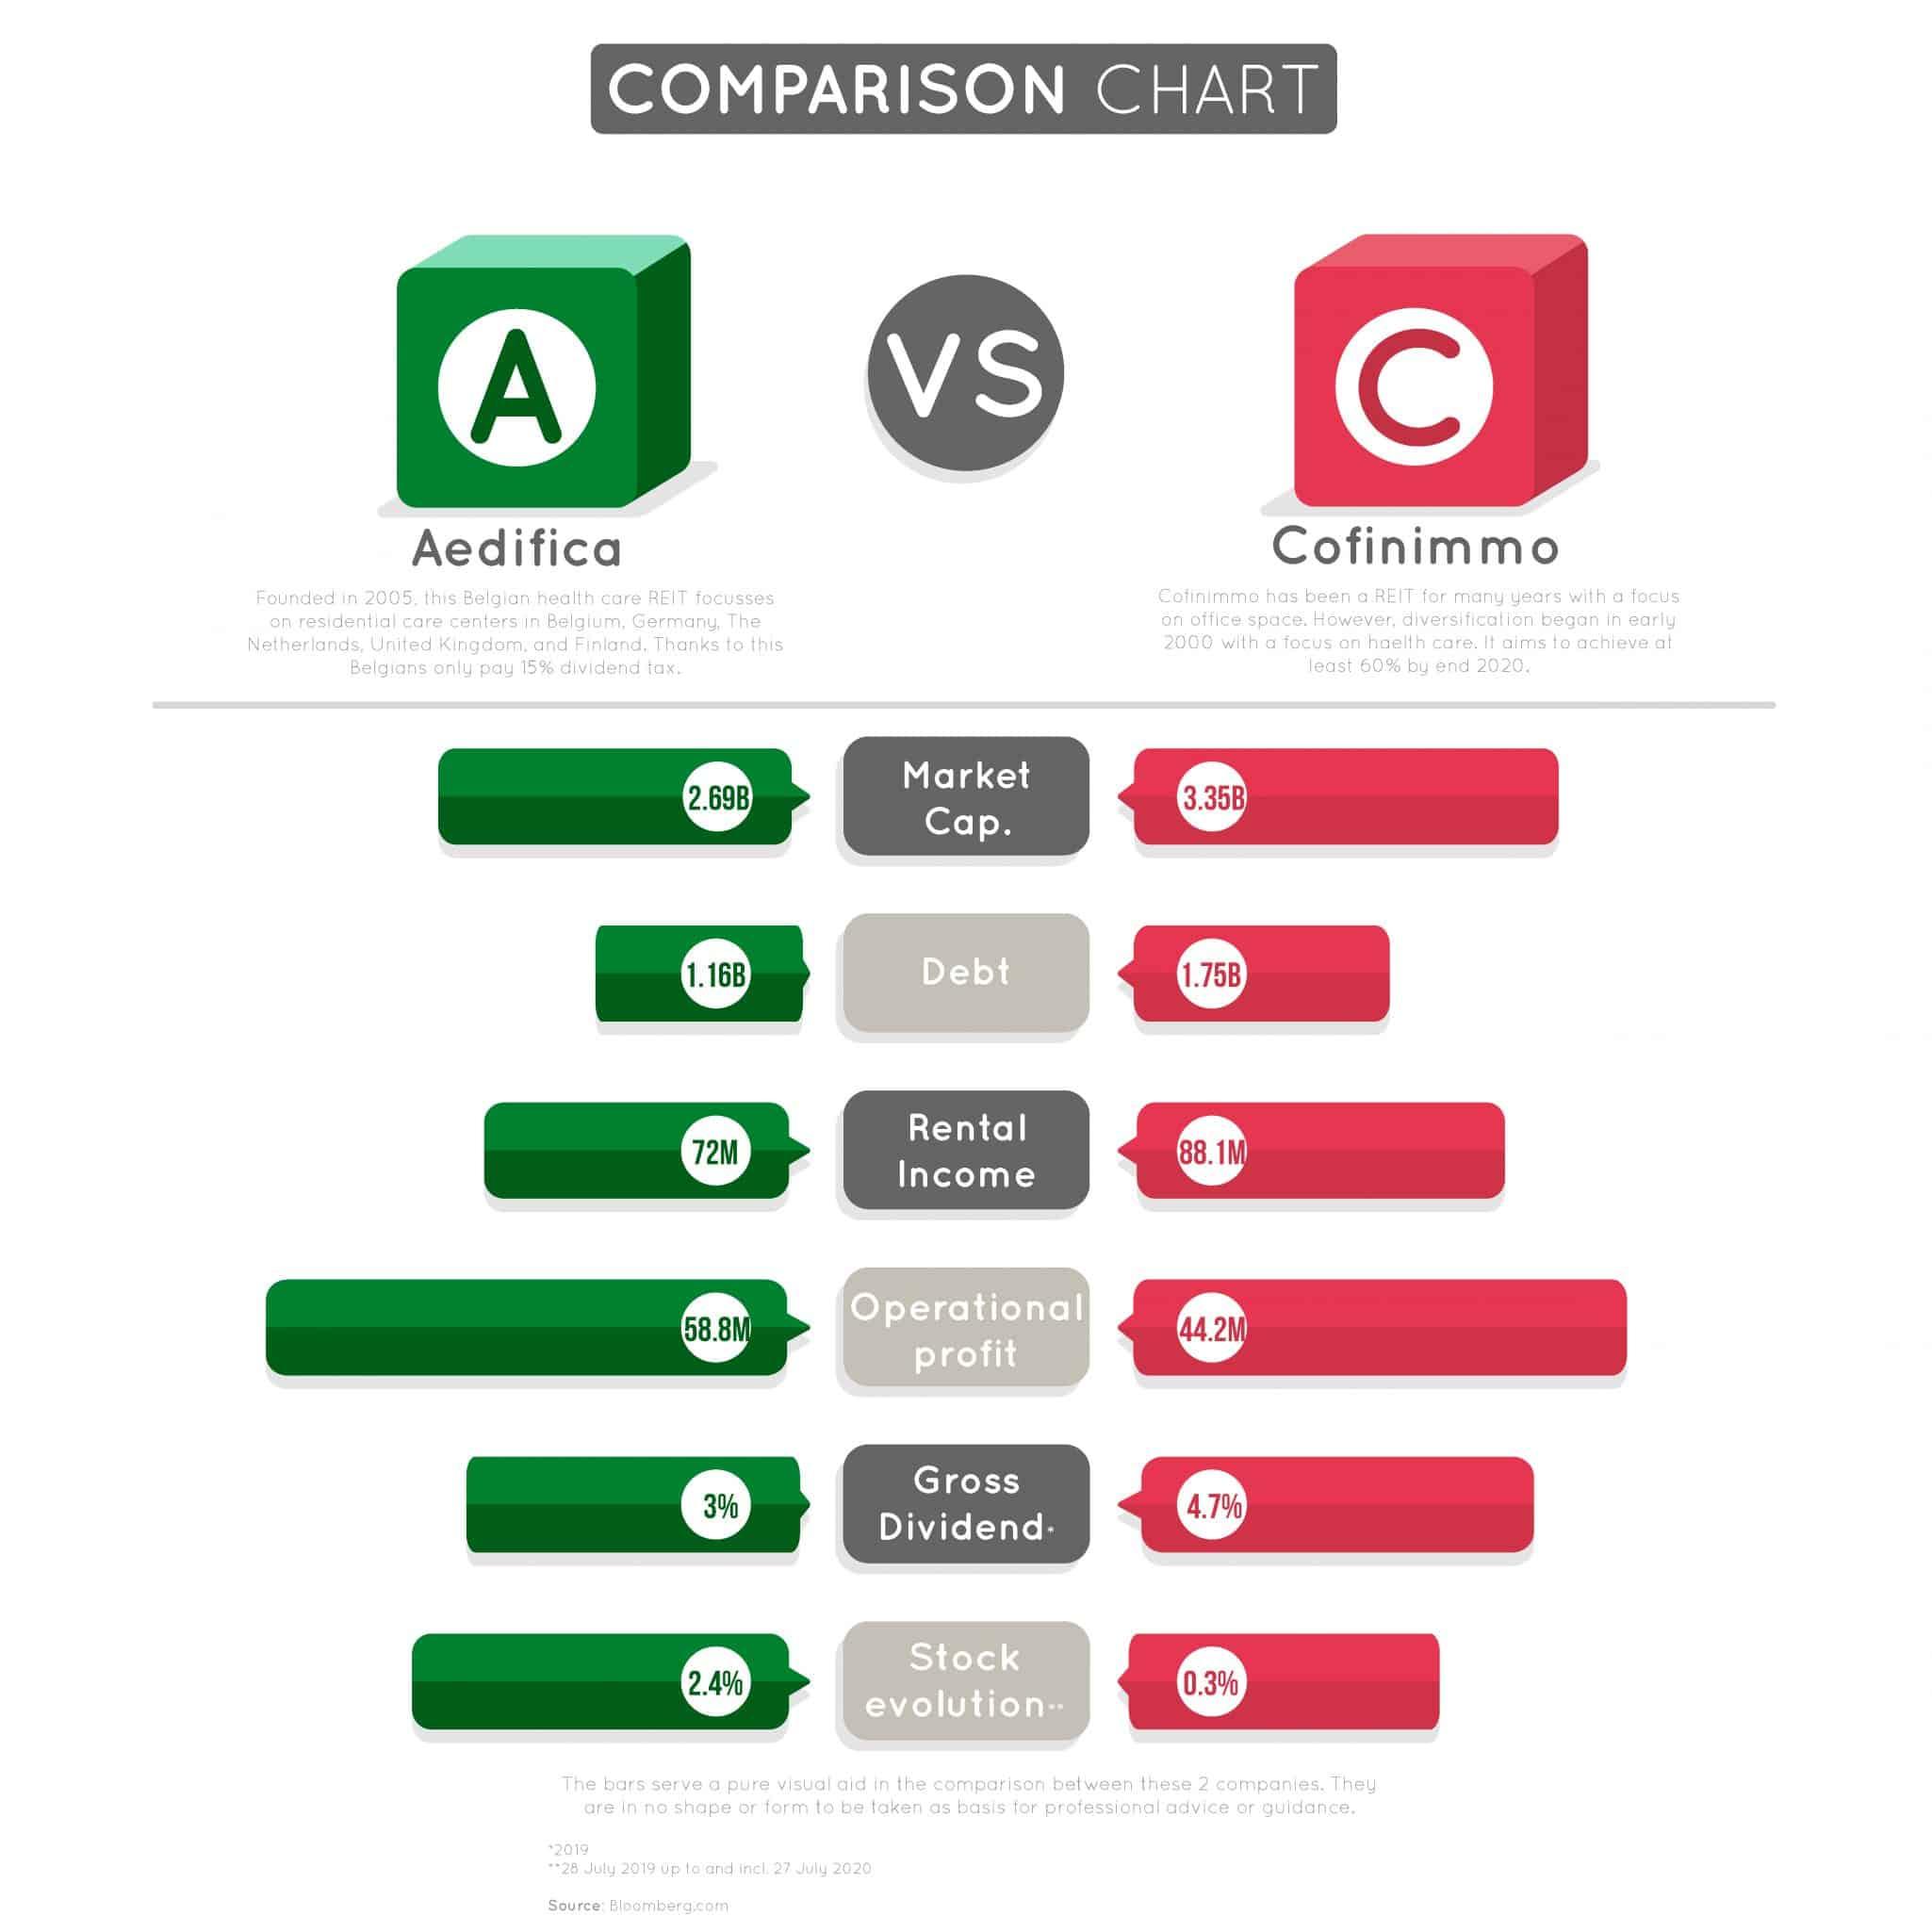 Aedifica Vs Cofinimmo: A Comprehensive Comparison